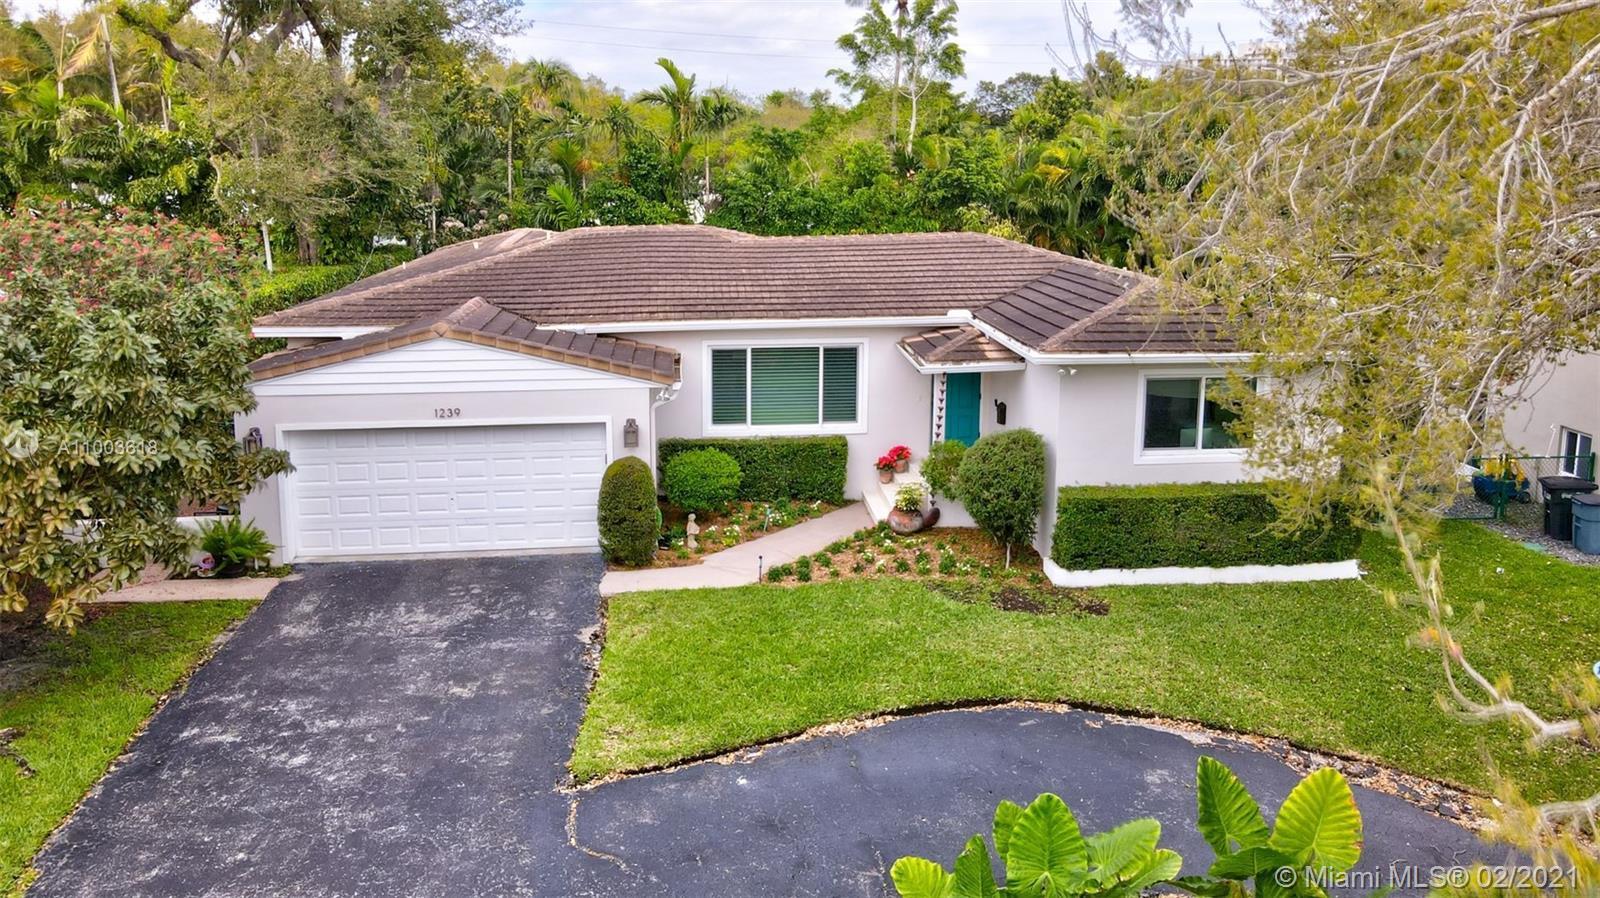 Miami Shores - 1239 NE 100th St, Miami Shores, FL 33138